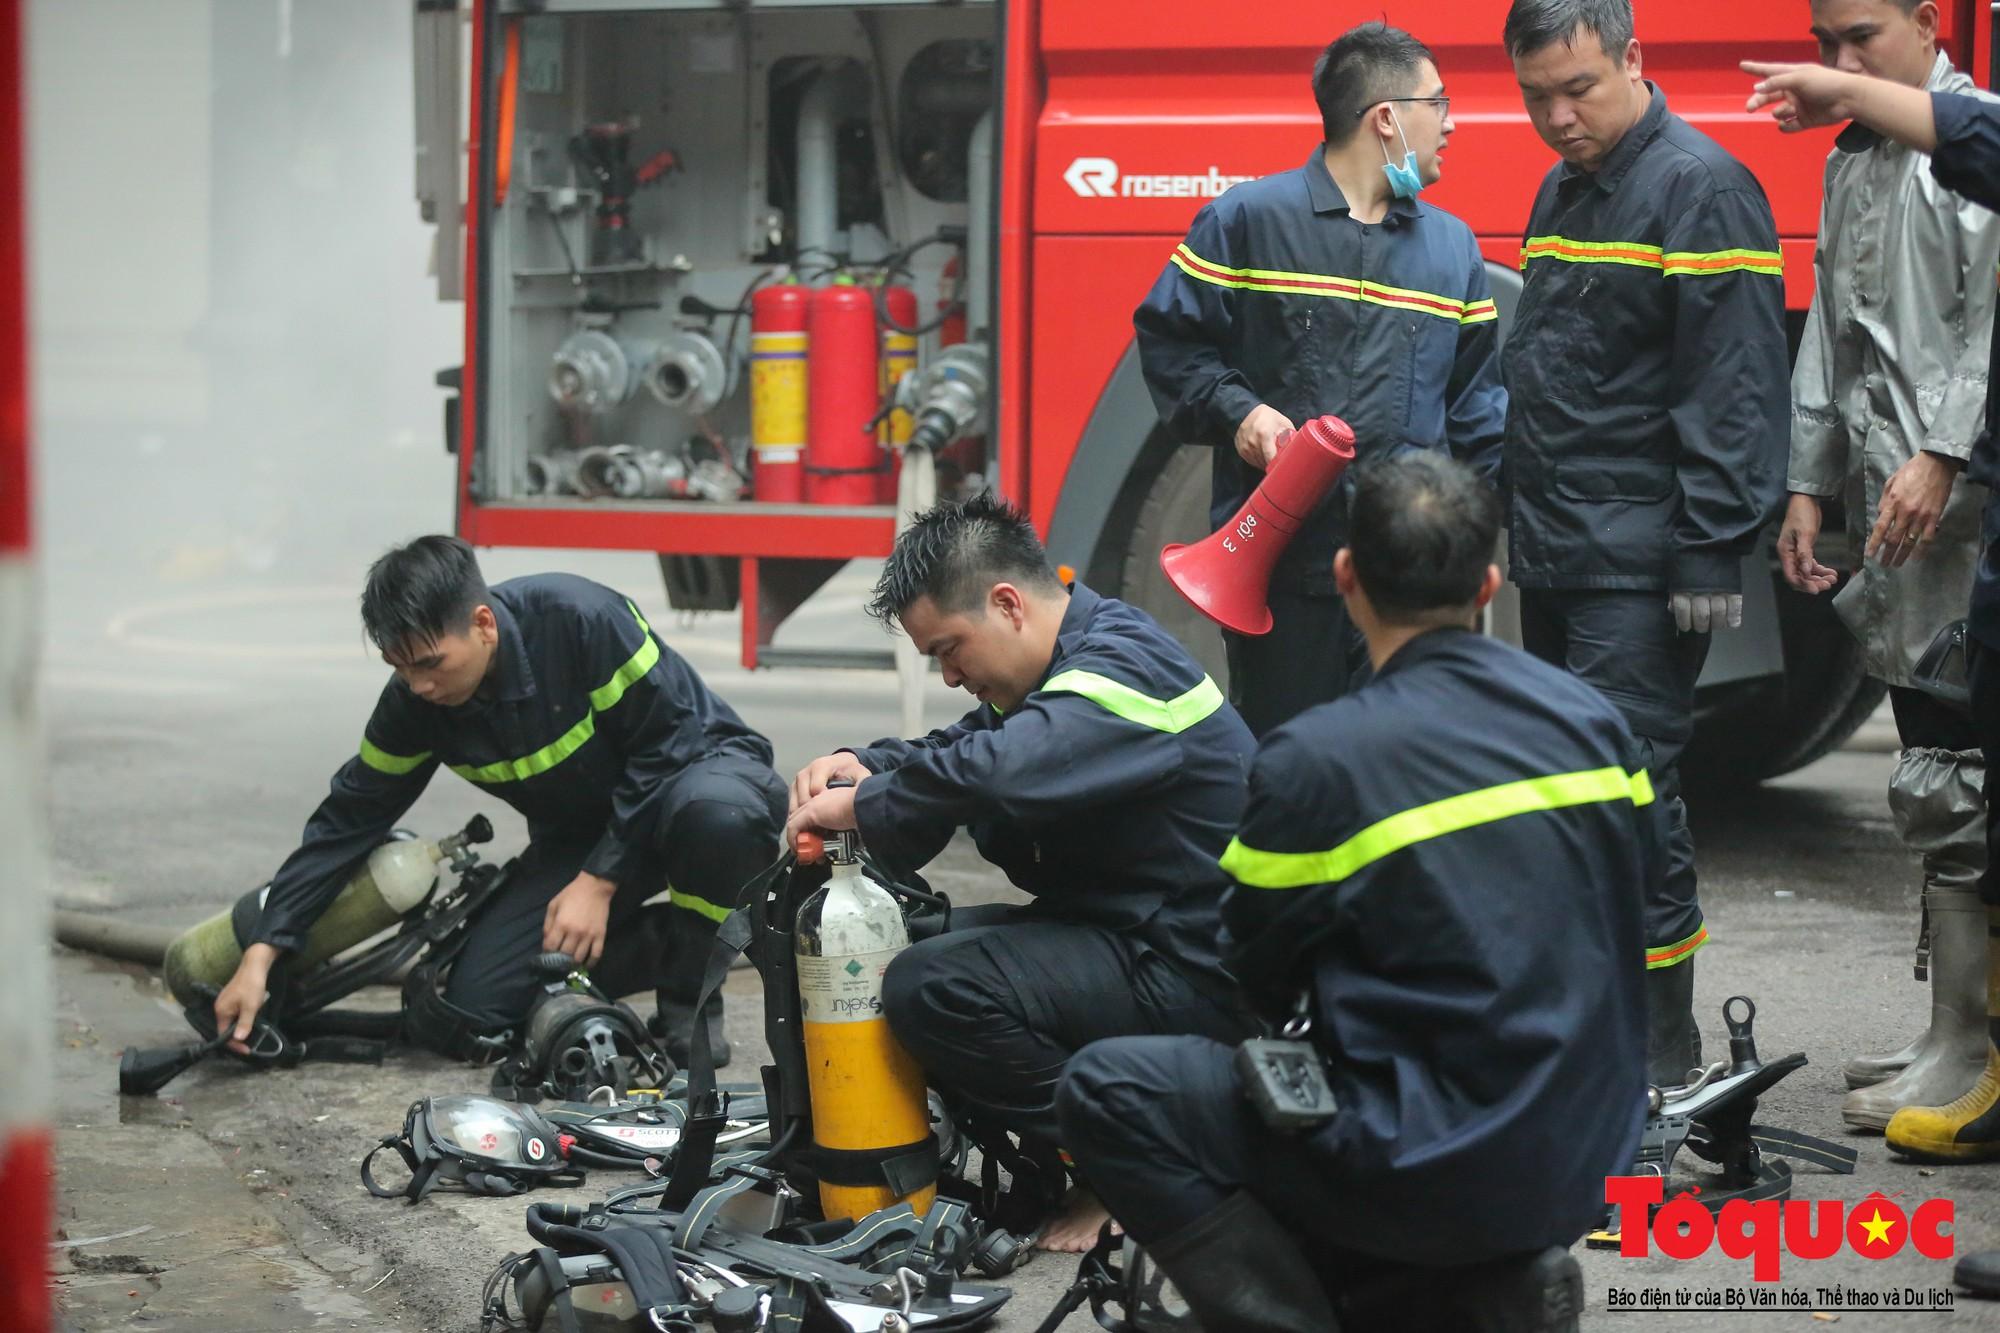 Hà Nội: Cháy khách sạn trên phố cổ, gần 30 người được đưa ra khỏi đám cháy - Ảnh 10.